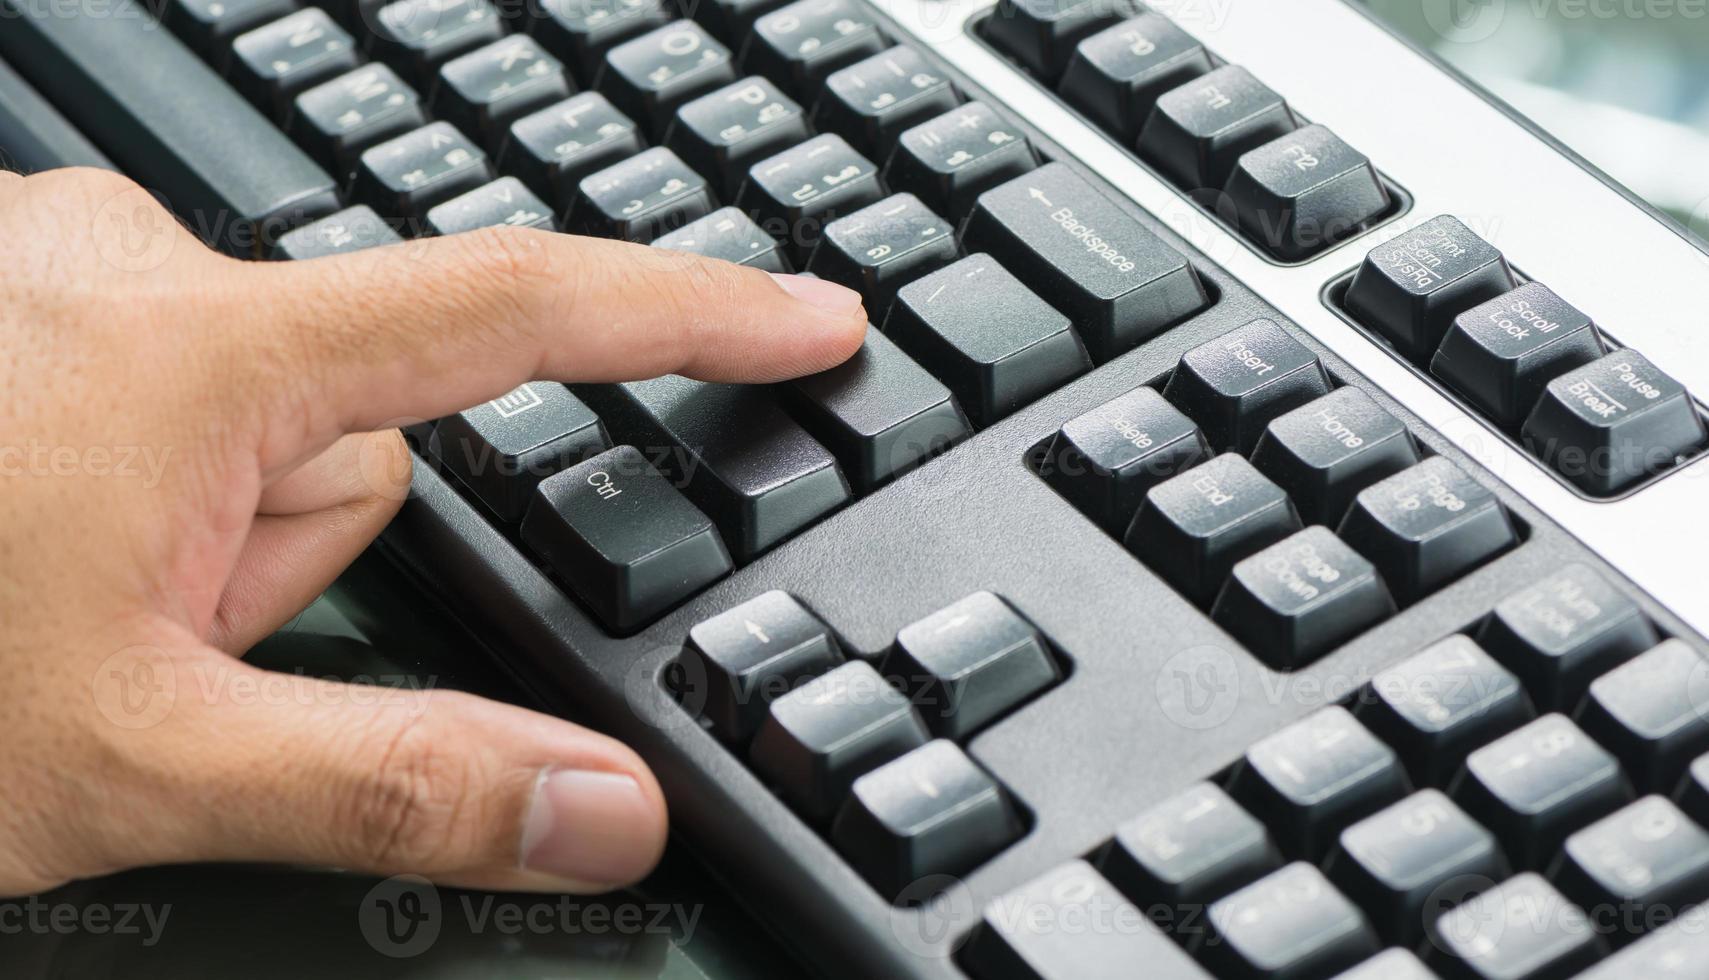 doigt mis sur entrer botton photo